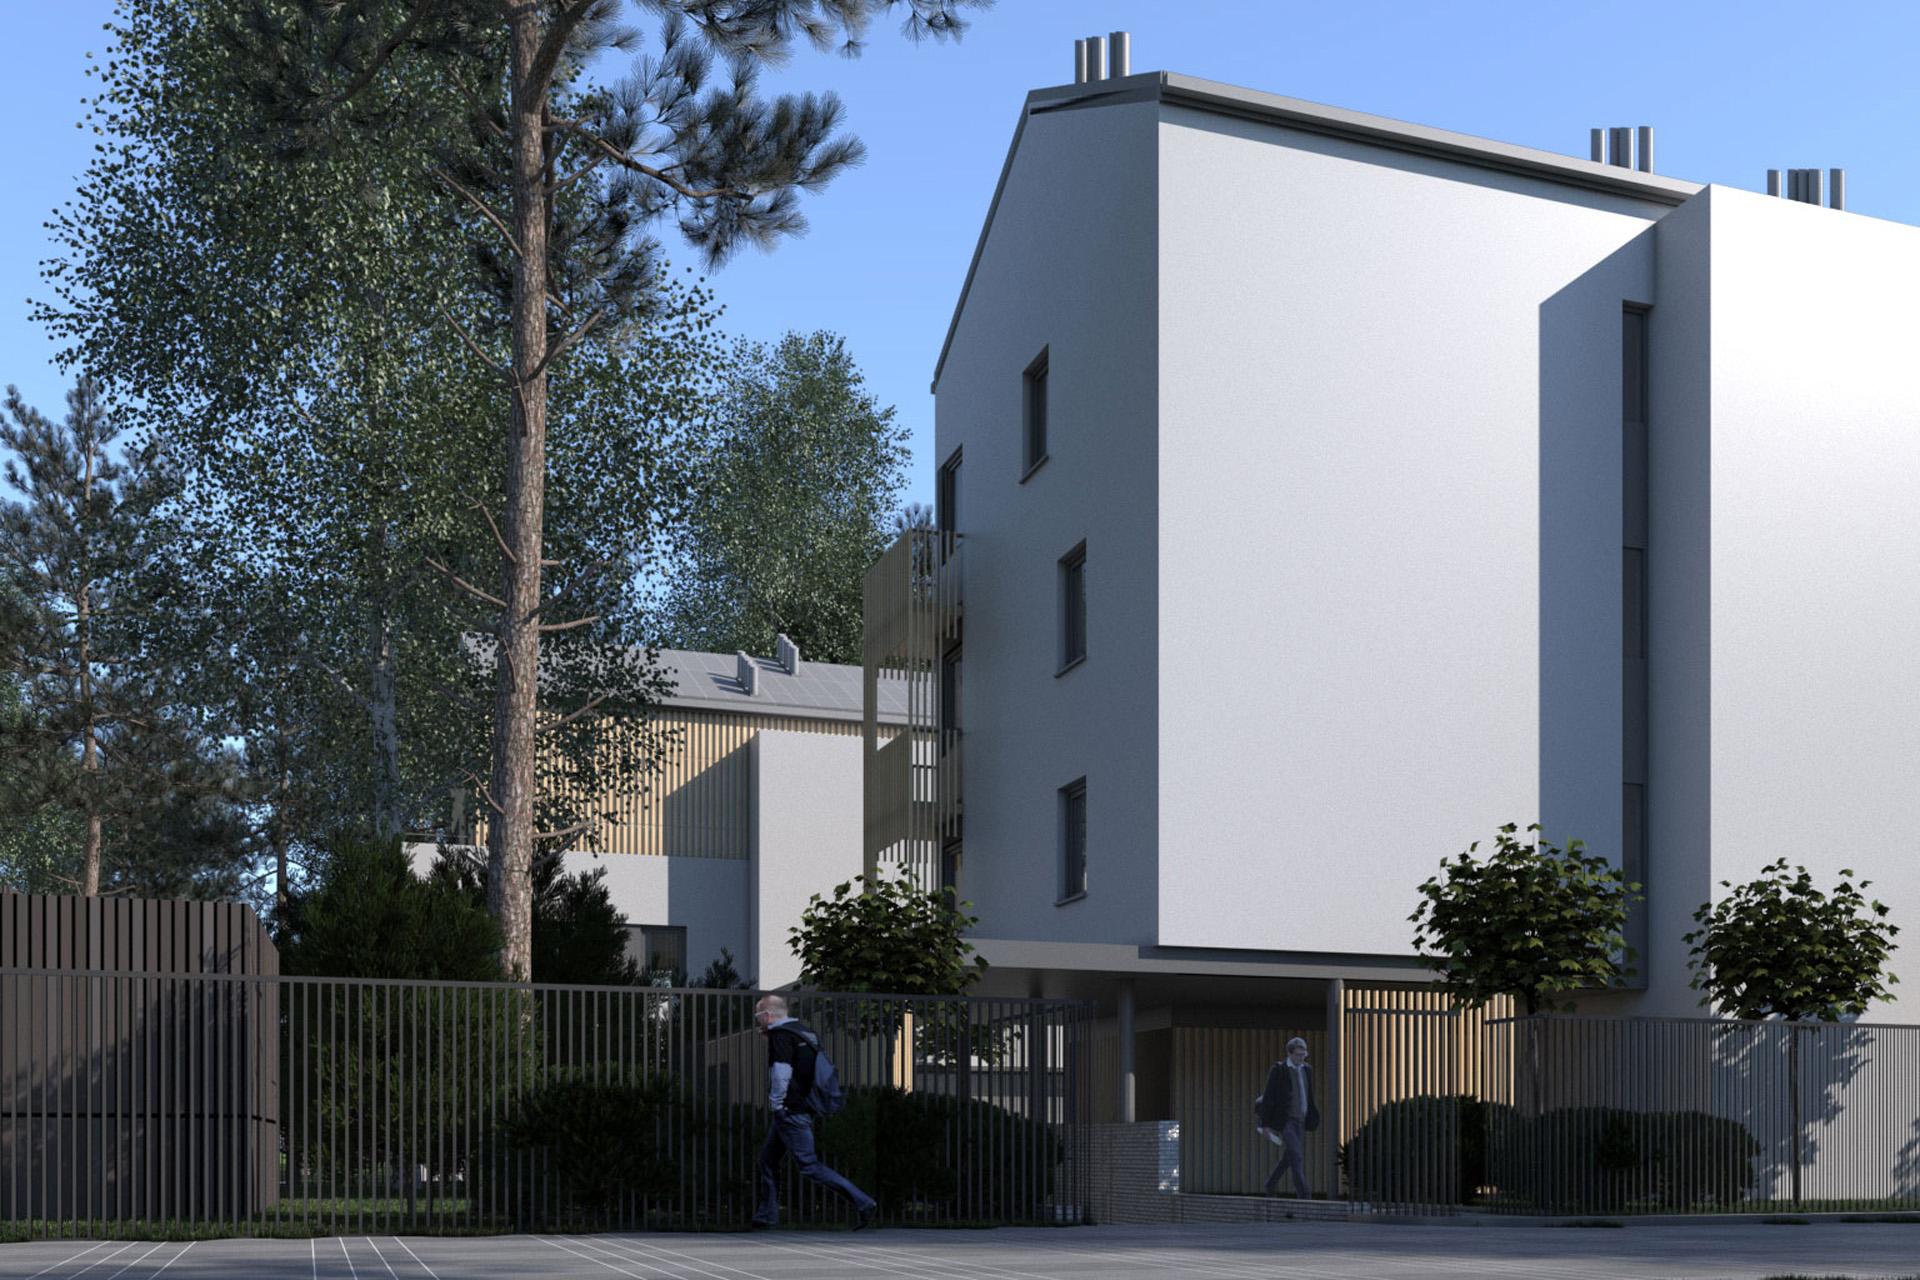 Osiedle domów wielorodzinnych w Otwocku. Projekt architektoniczny BAZA architekci.